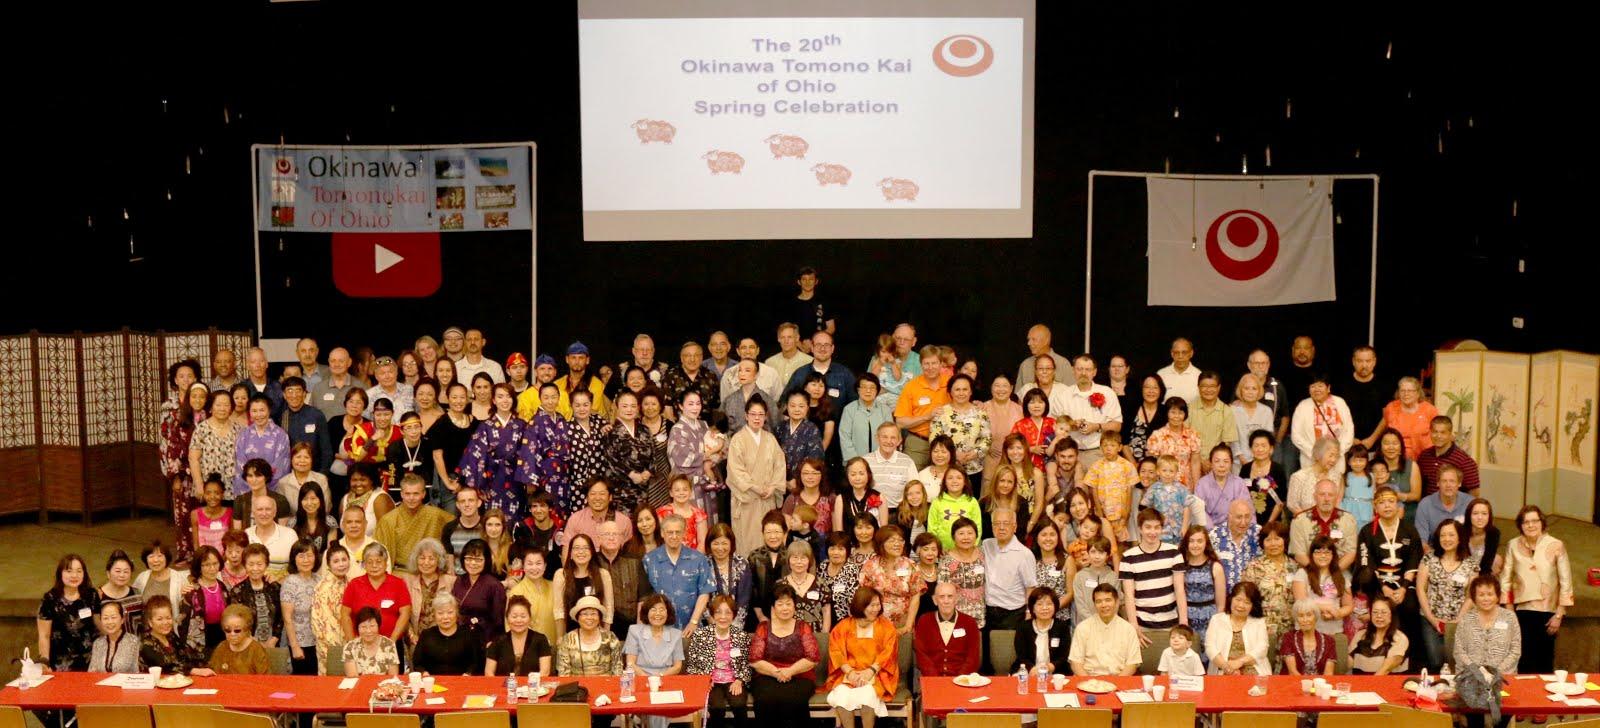 20º ANIVERSÁRIO do OKINAWA TOMONOKAI de OHIO